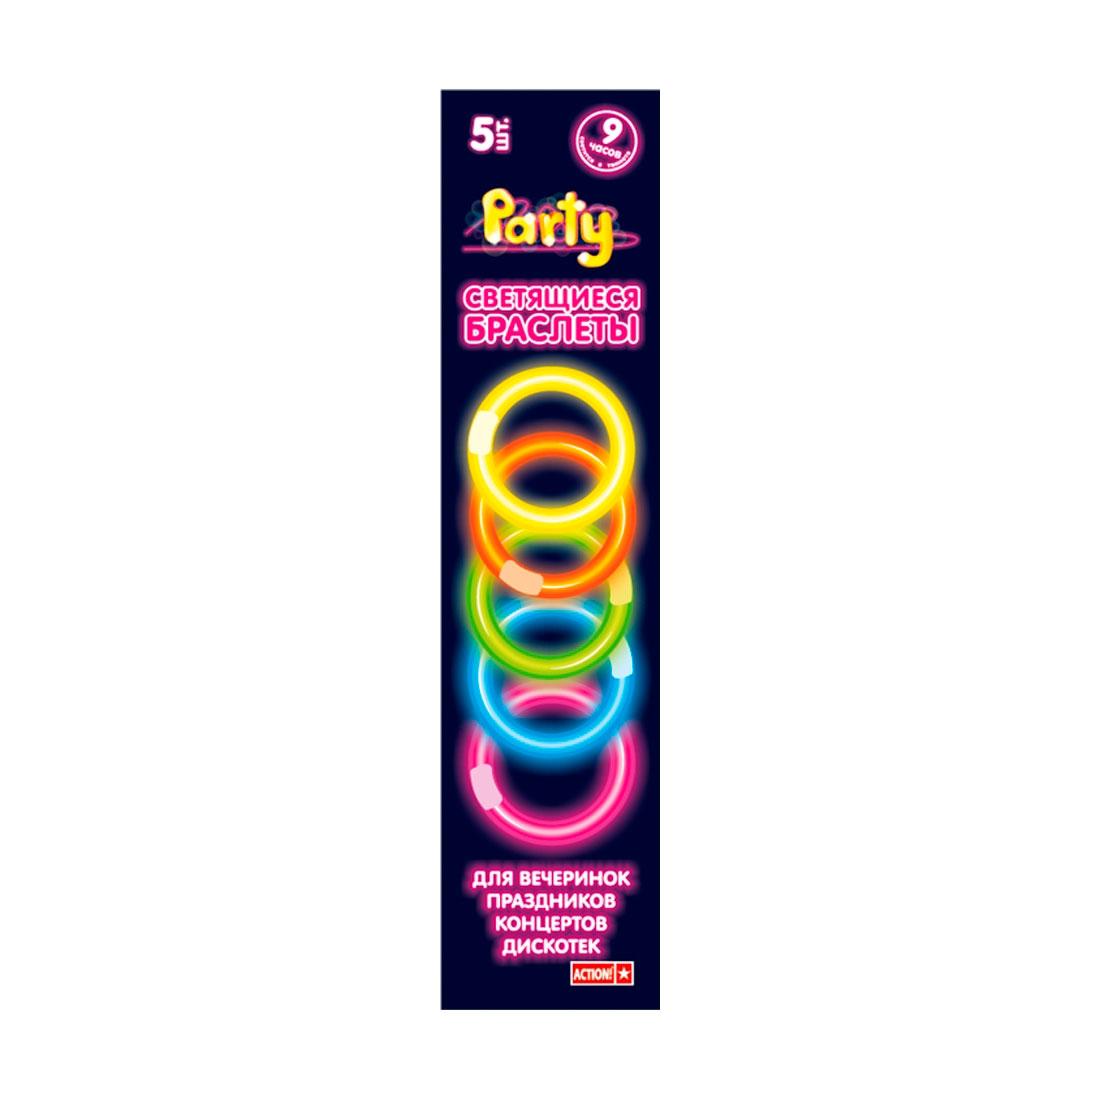 Светящиеся аксессуары ACTION! Набор браслетов разноцветных светящихся 5 шт. 20 см.<br>